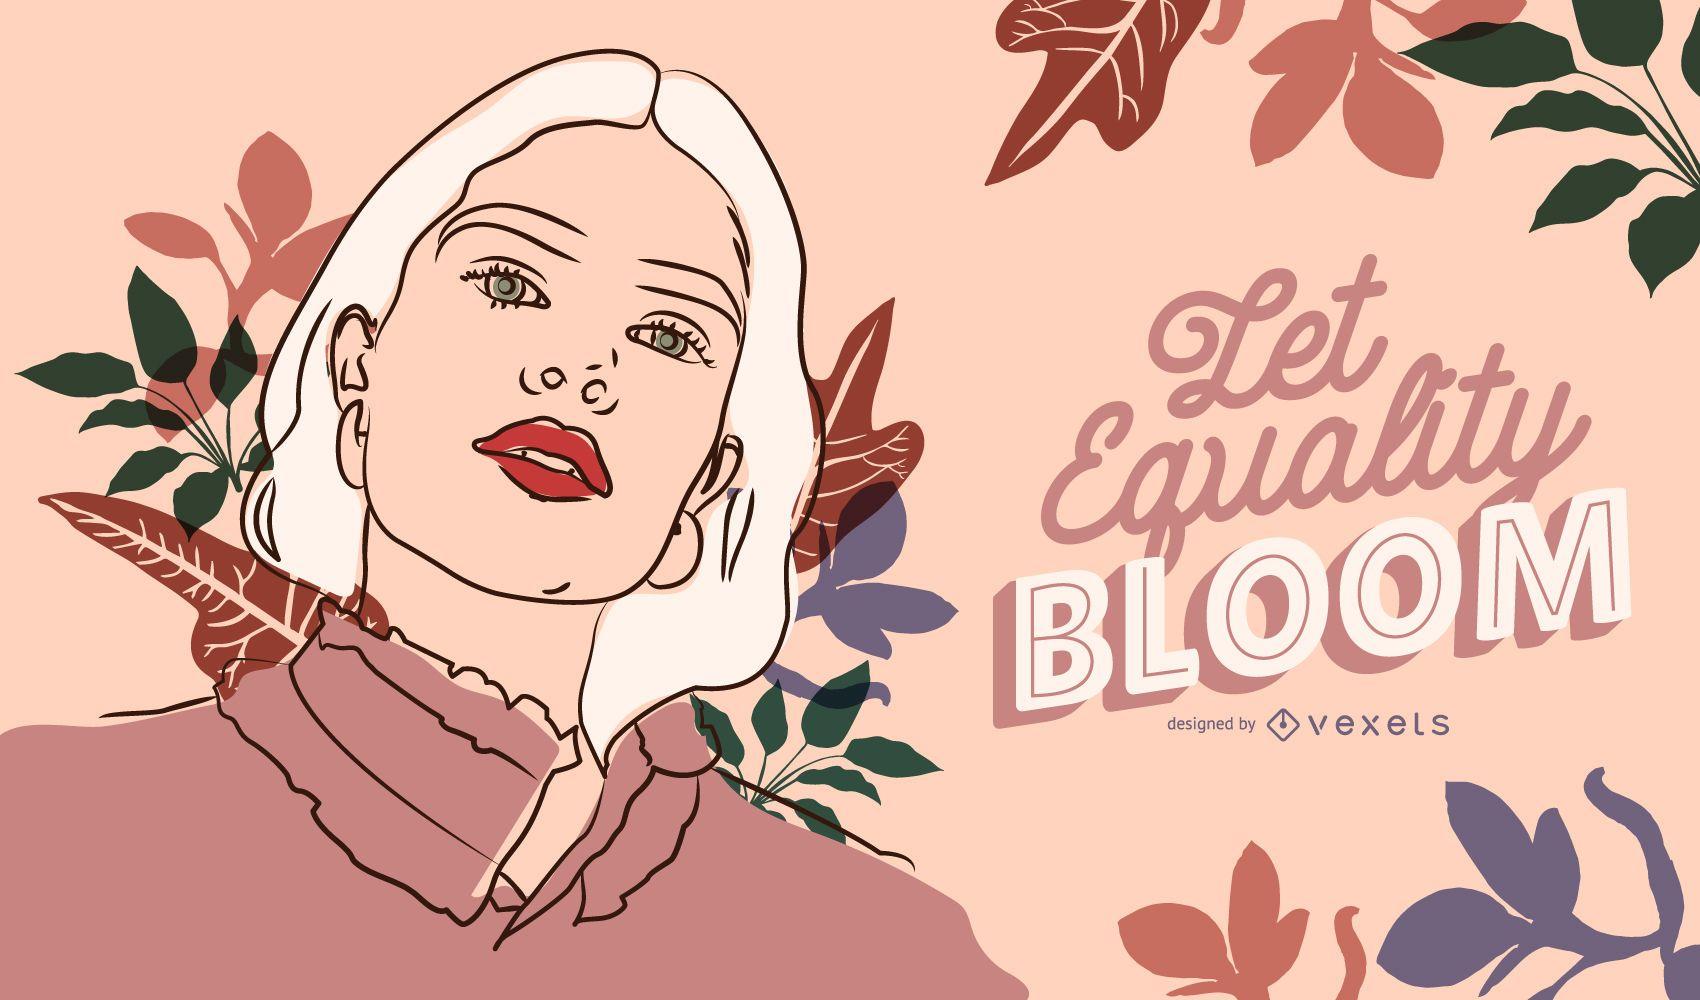 Que la igualdad florezca ilustración del día de la mujer